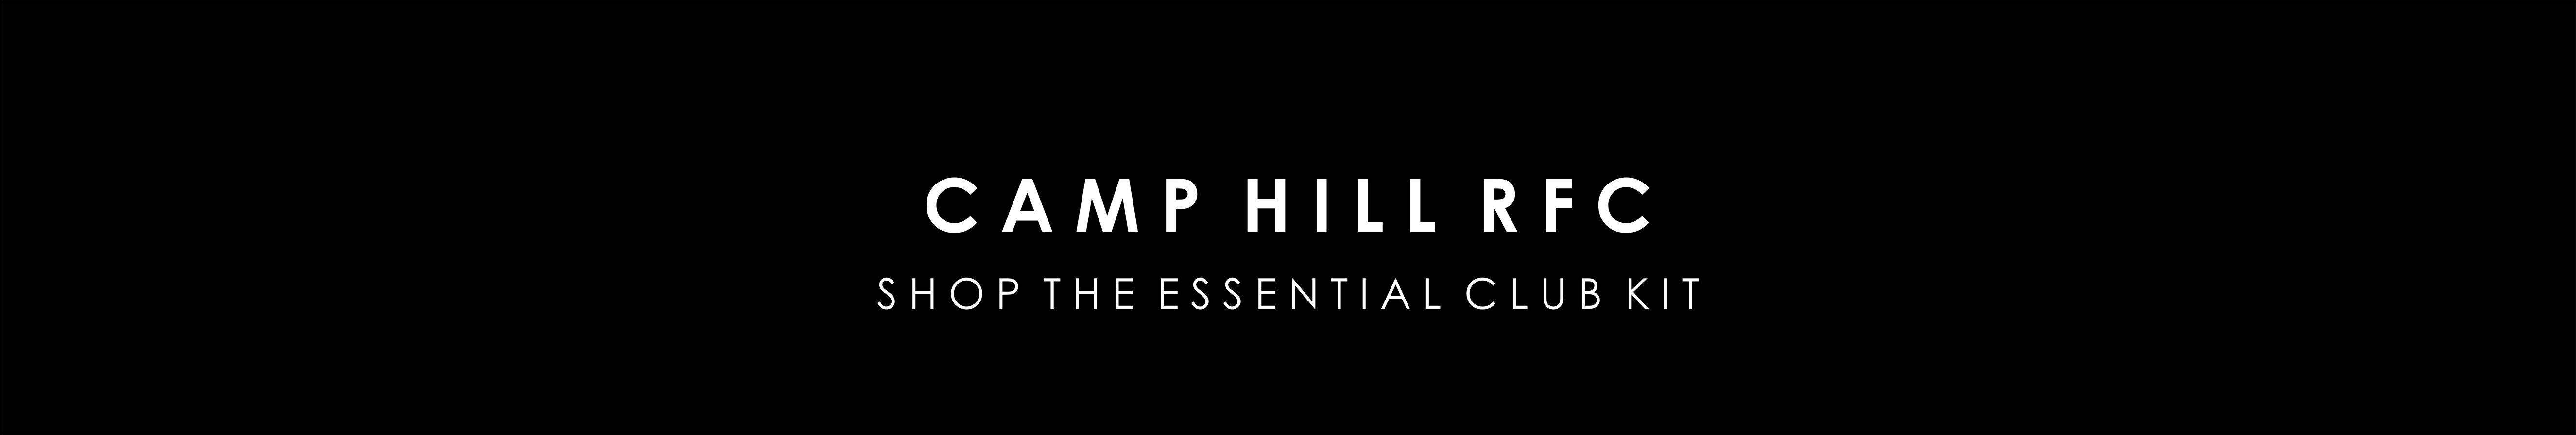 camp-hill-rfc-banner.jpg